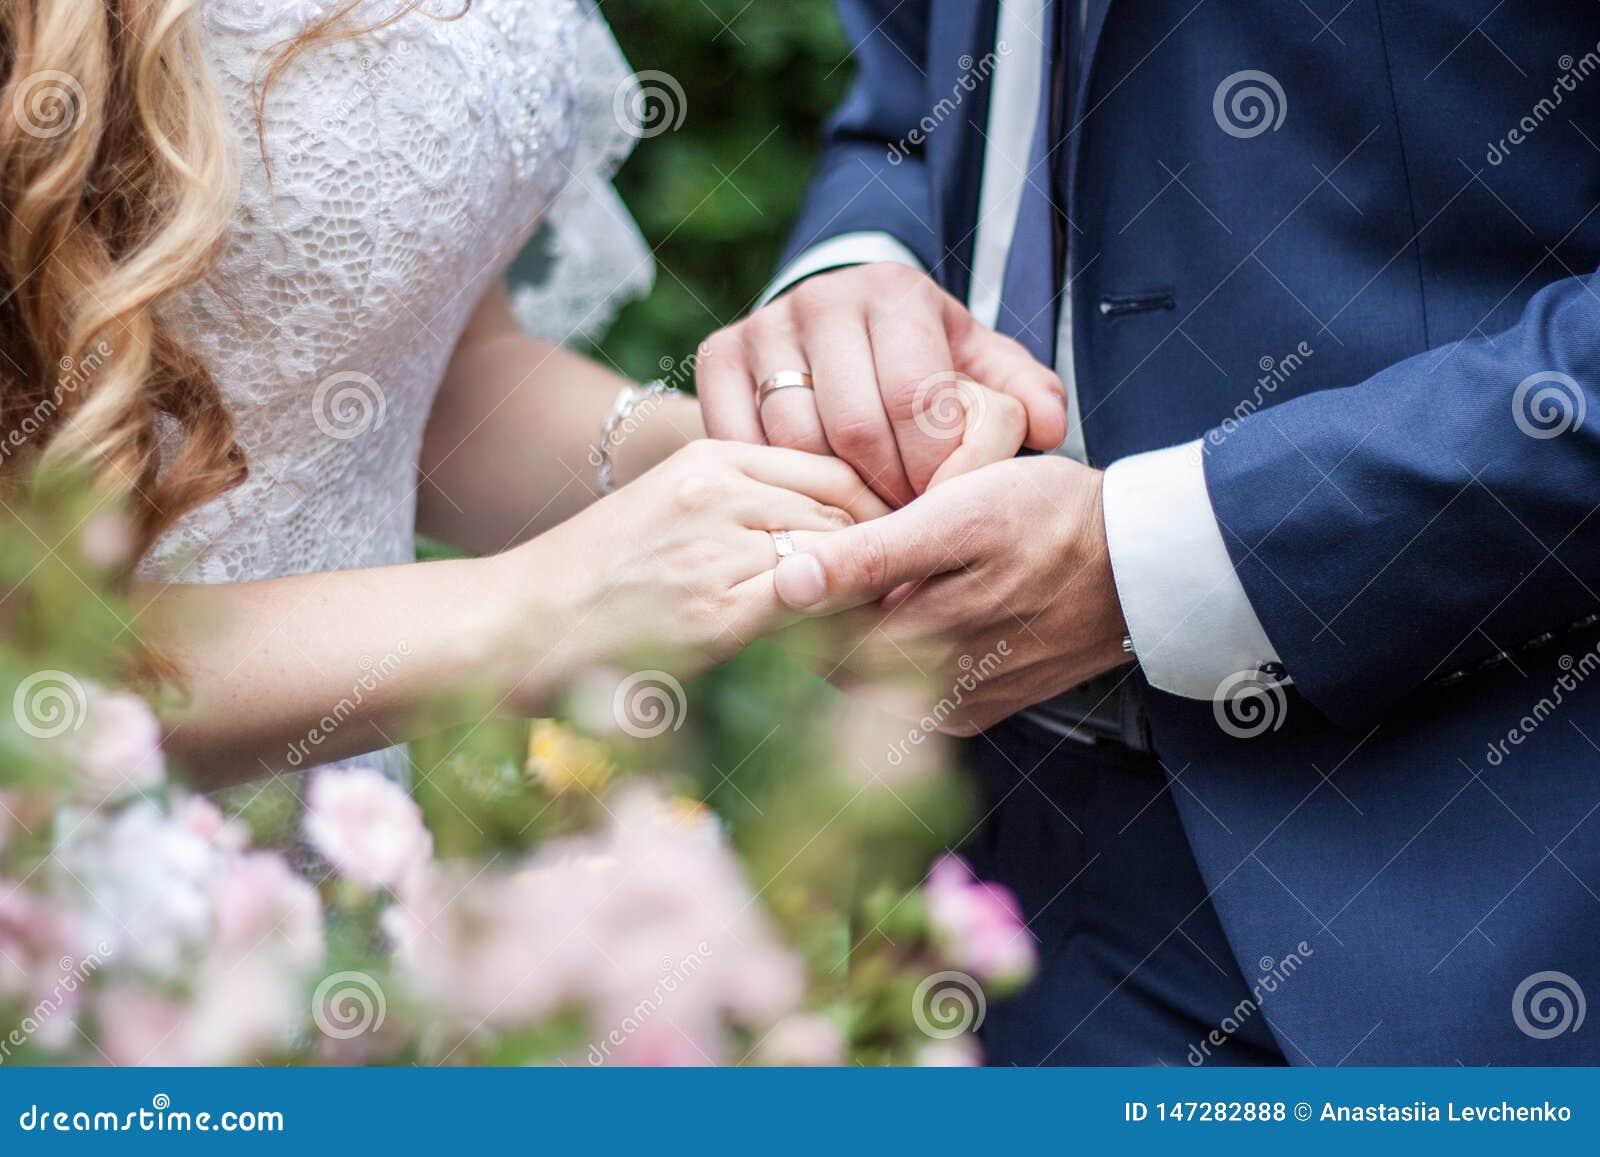 Χέρια εκμετάλλευσης γαμήλιων ζευγών, ευτυχείς νεόνυμφος και νύφη έννοια της αγάπης και του γάμου